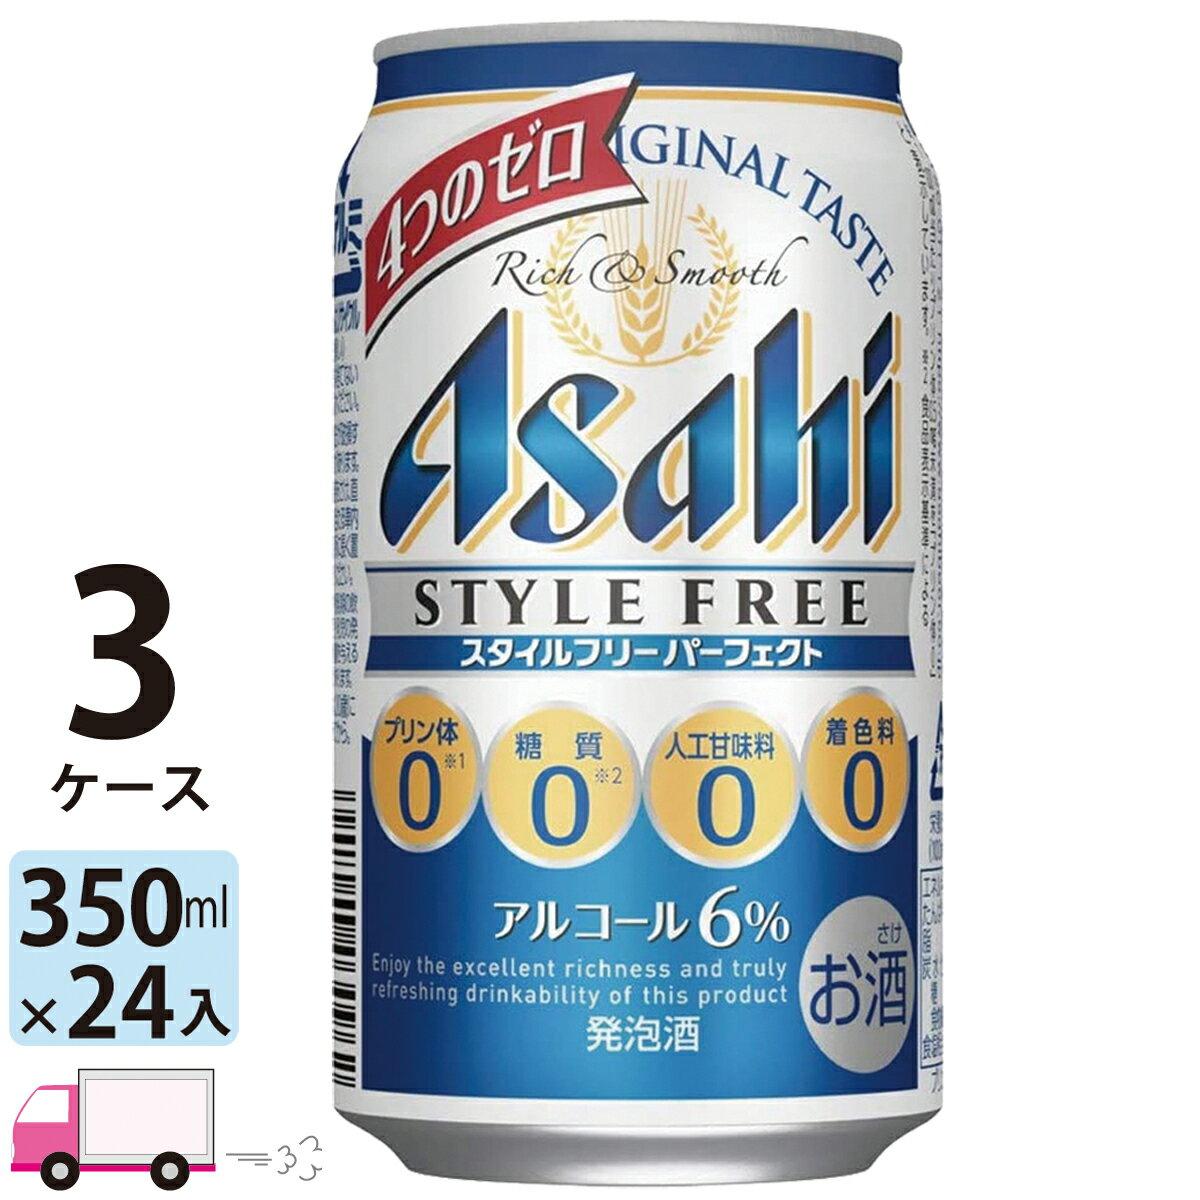 送料無料 アサヒ ビール スタイルフリーパーフェクト 350ml ×24缶入 3ケース (72本)